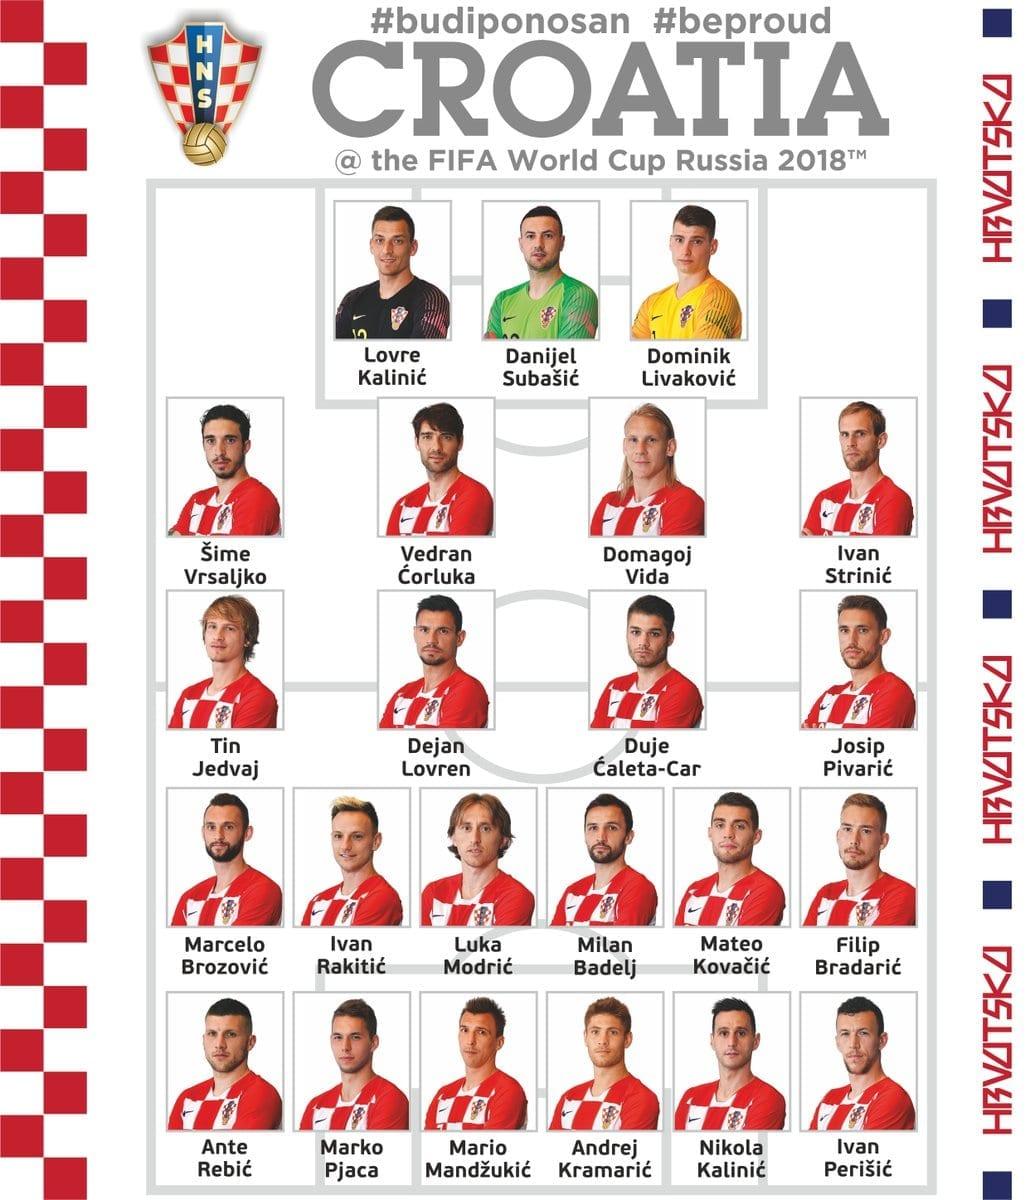 23 joueurs de la croatie pour la coupe du monde 2018